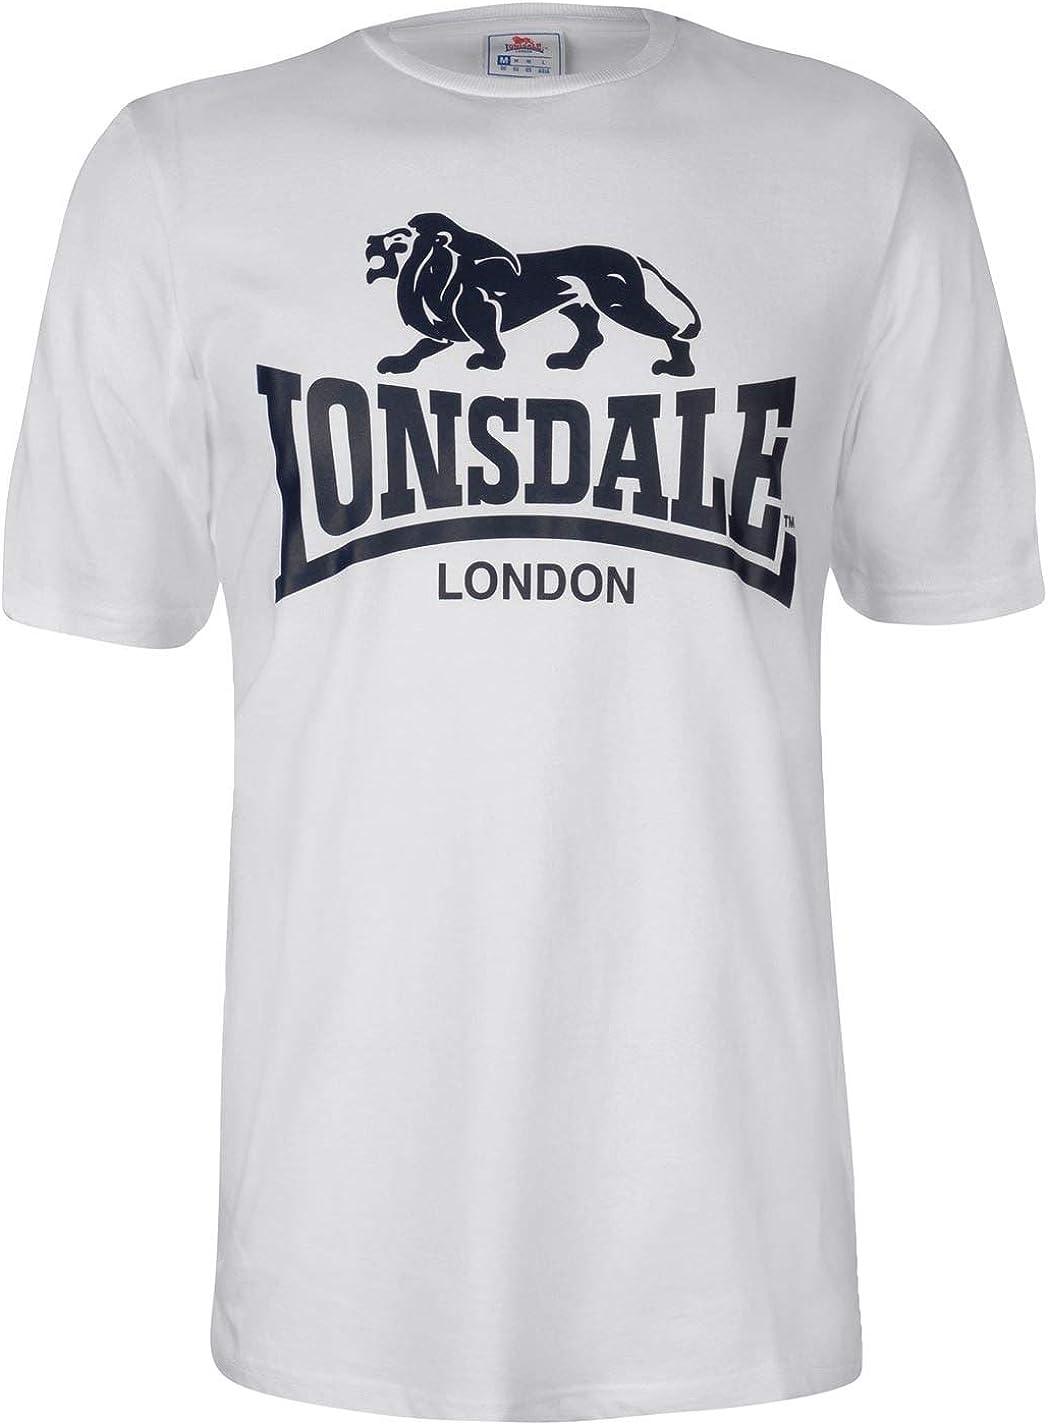 Lonsdale Hombre Large Logo Camiseta Manga Corta: Amazon.es: Ropa y ...